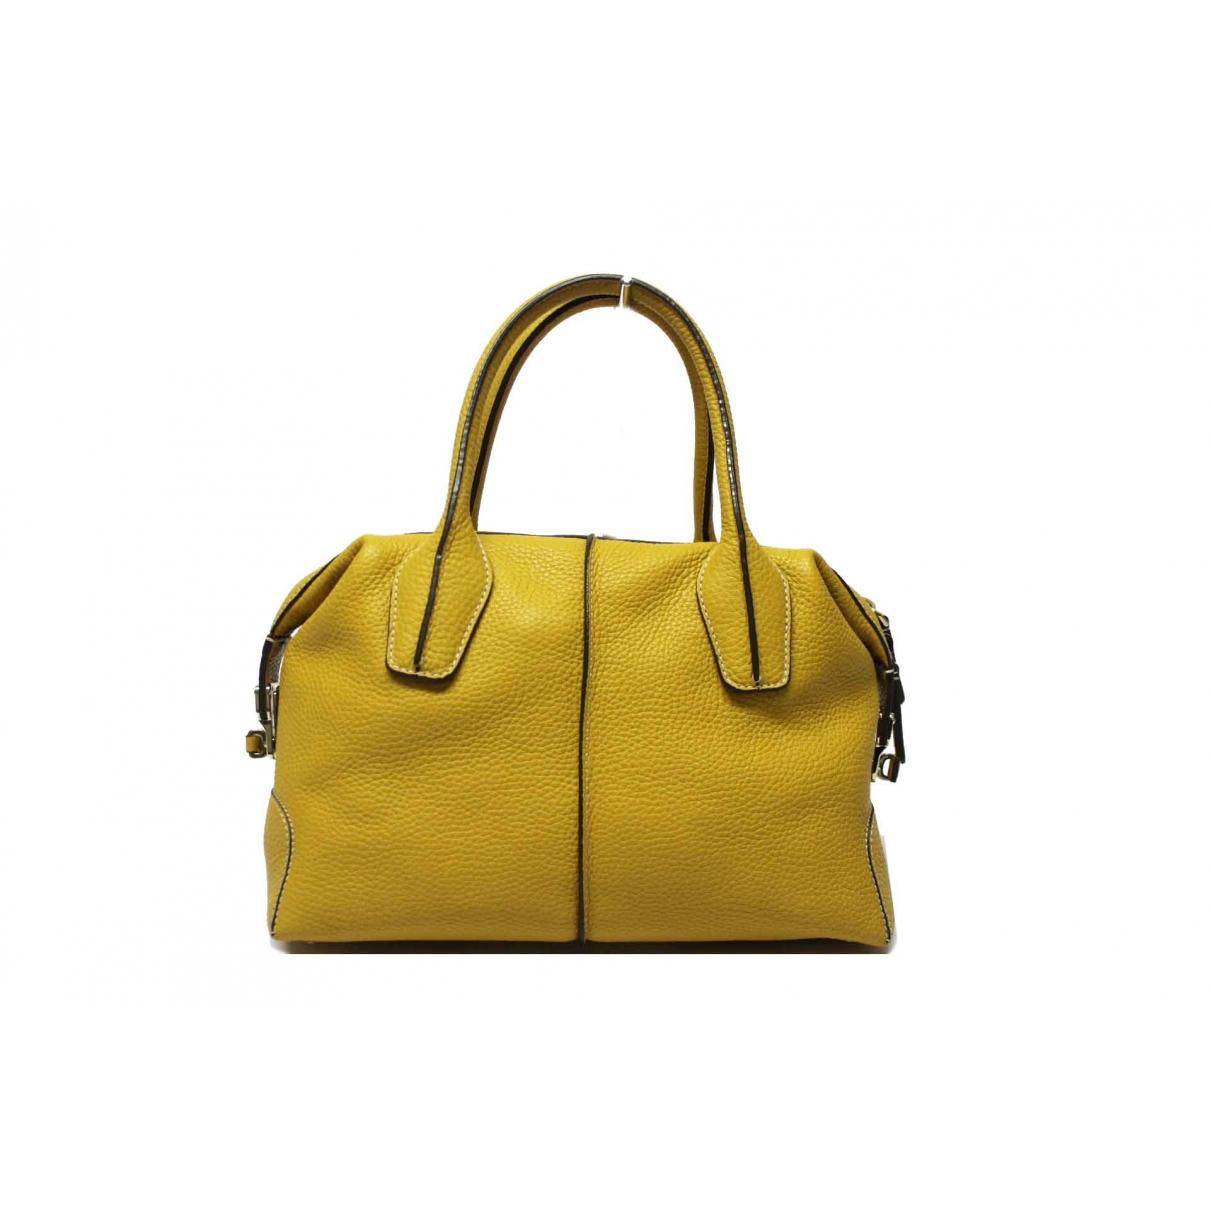 Tods - Sac a main   pour femme en cuir - jaune